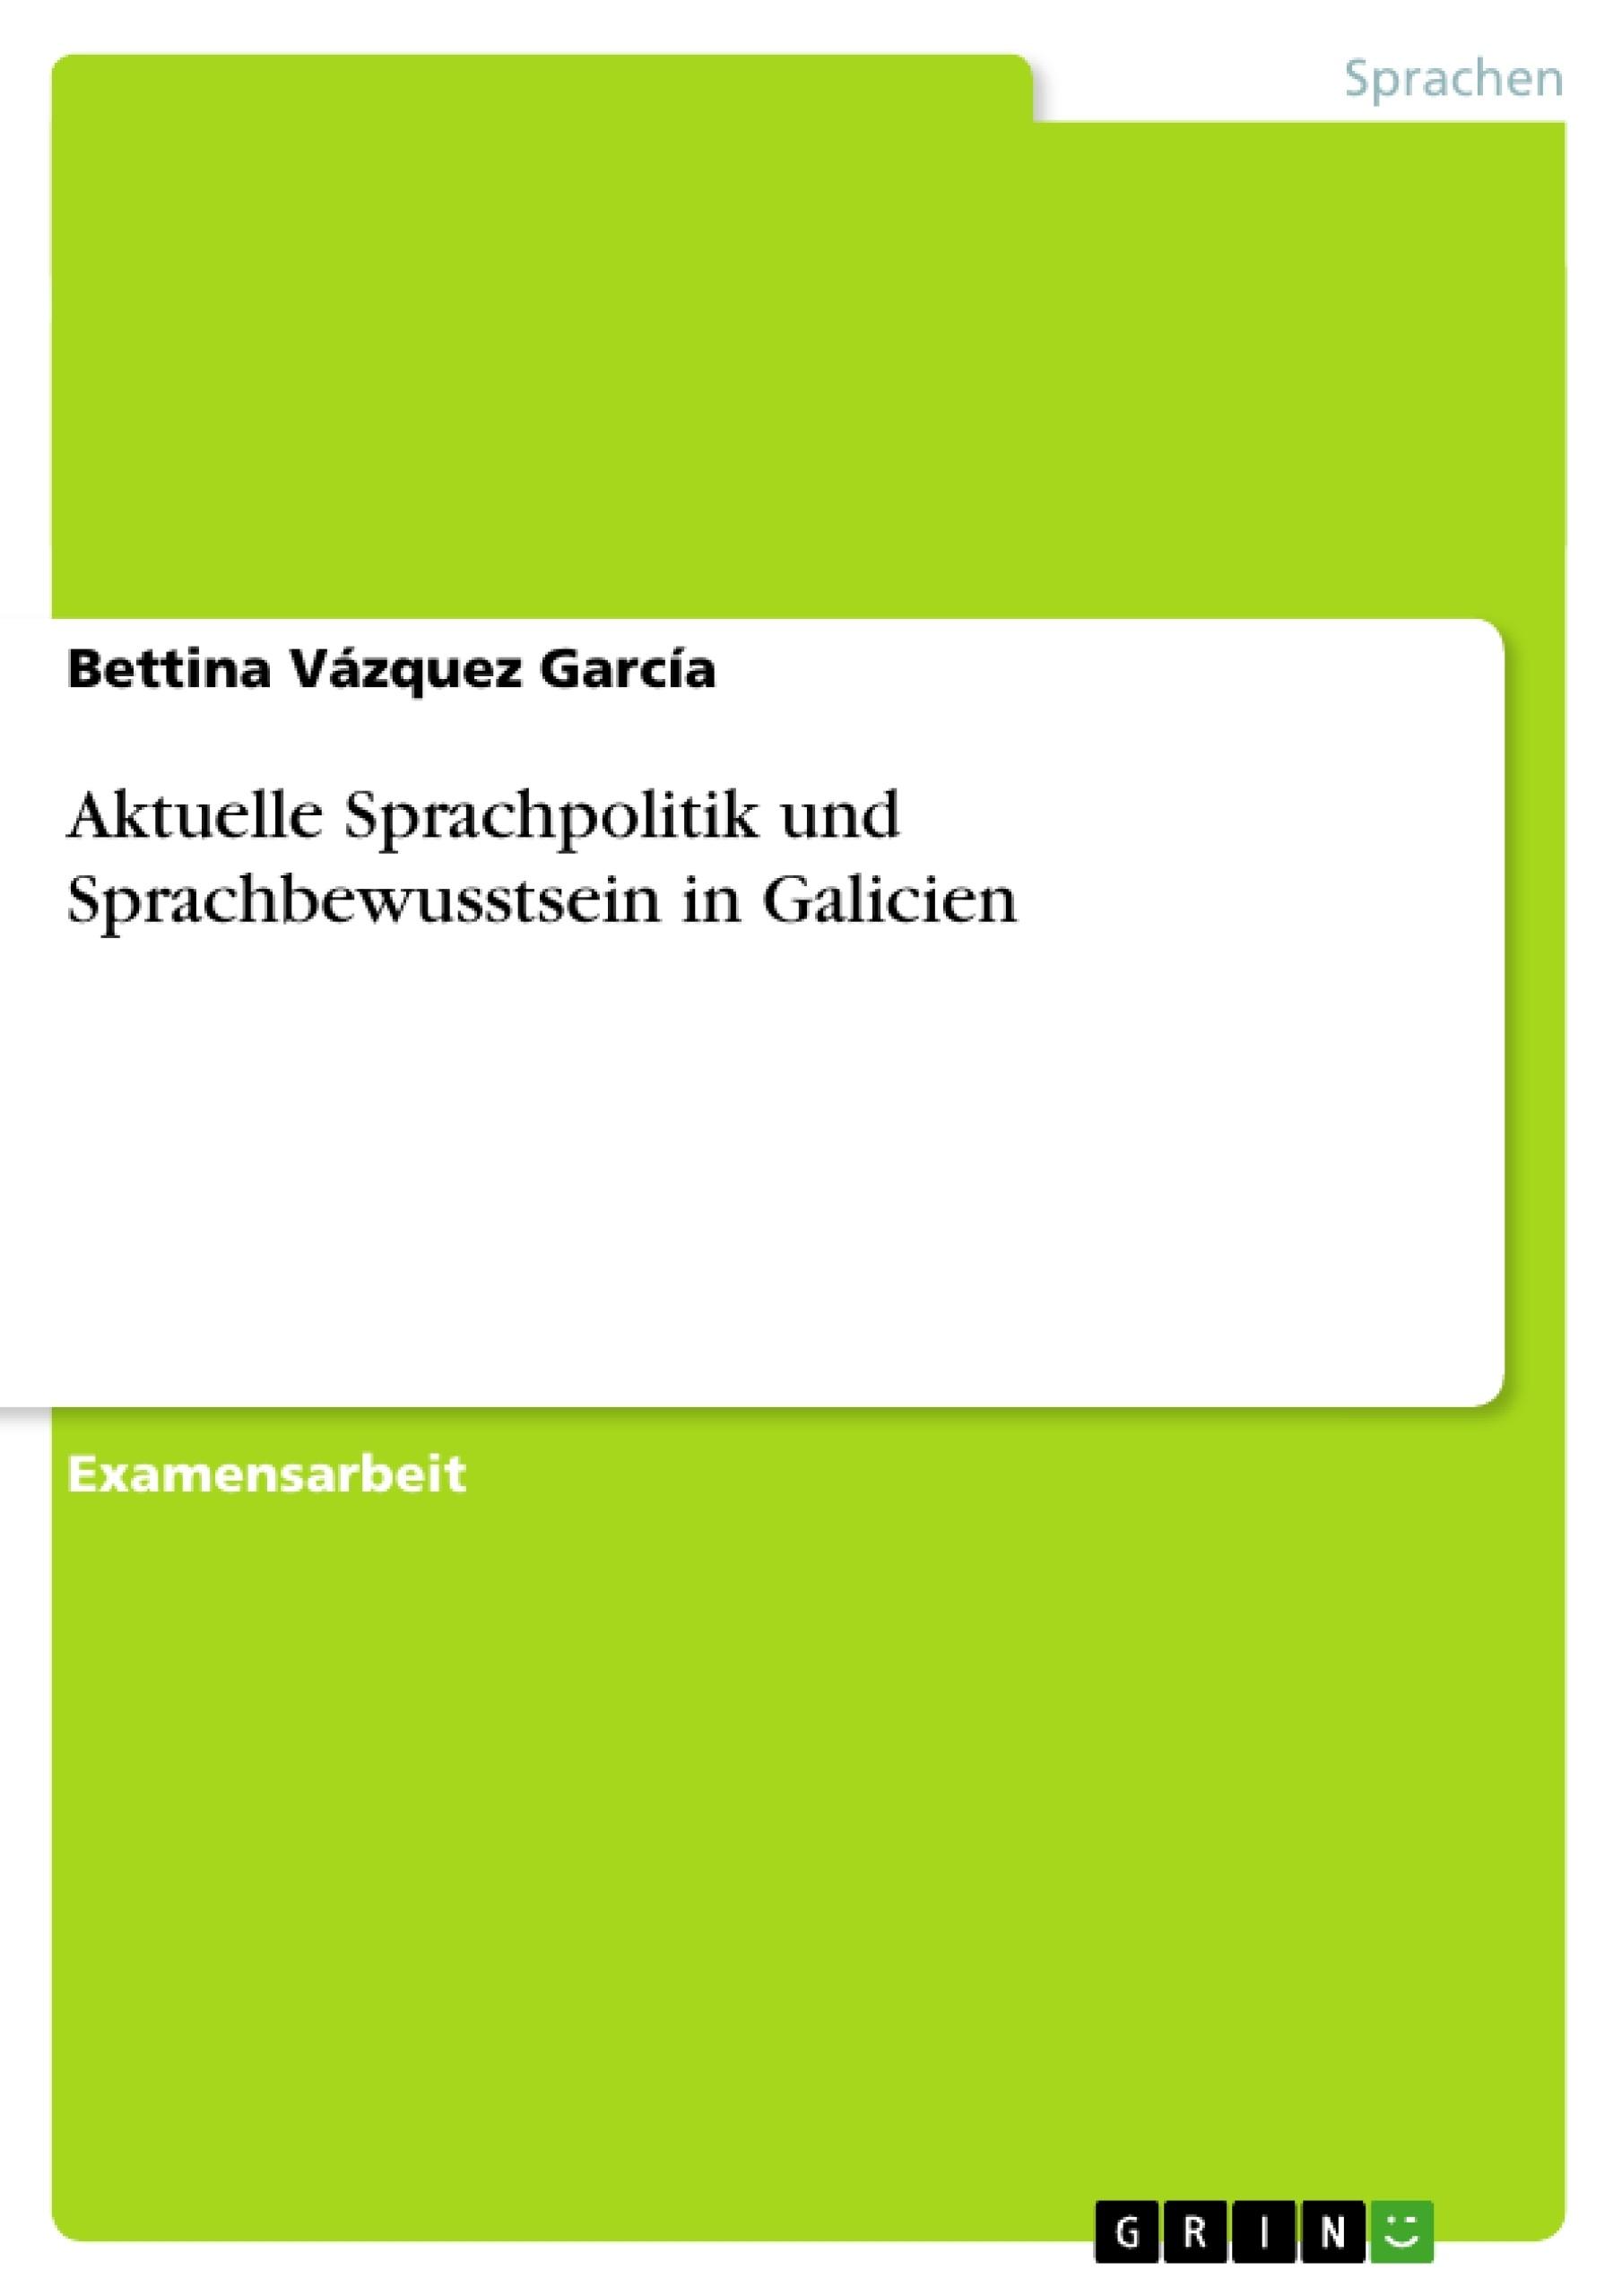 Titel: Aktuelle Sprachpolitik und Sprachbewusstsein in Galicien